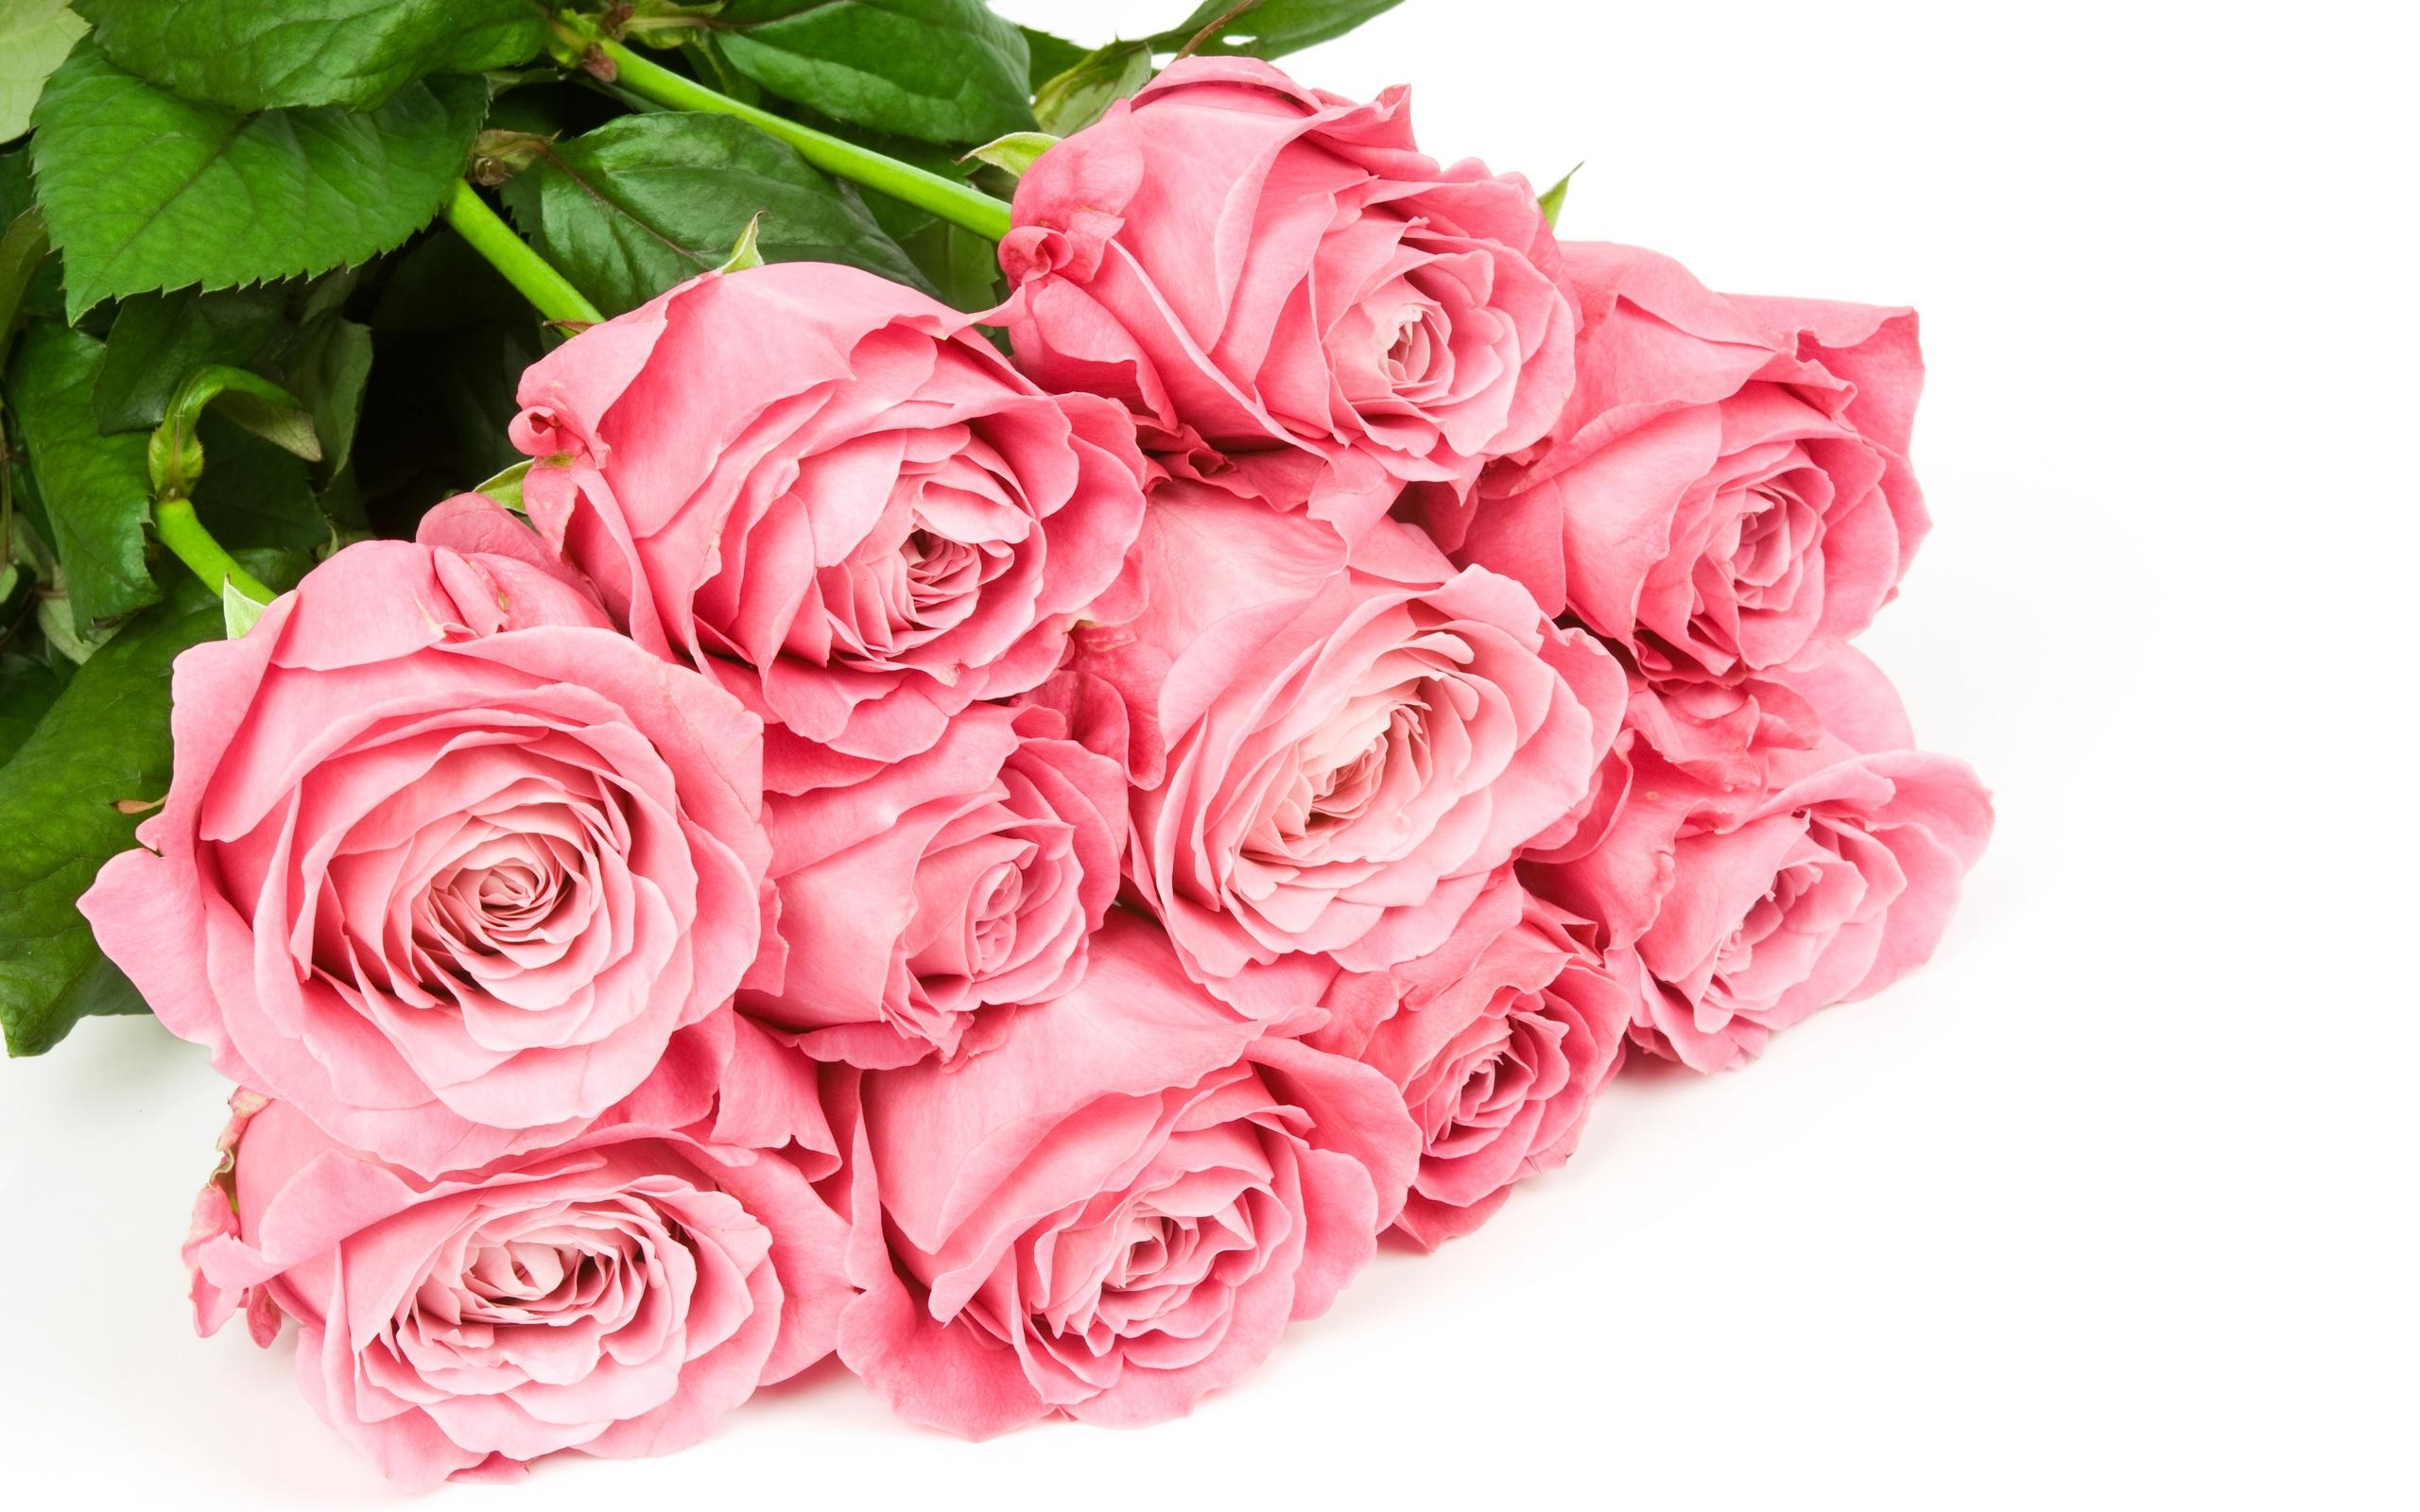 Картинка с букетом роз на белом фоне